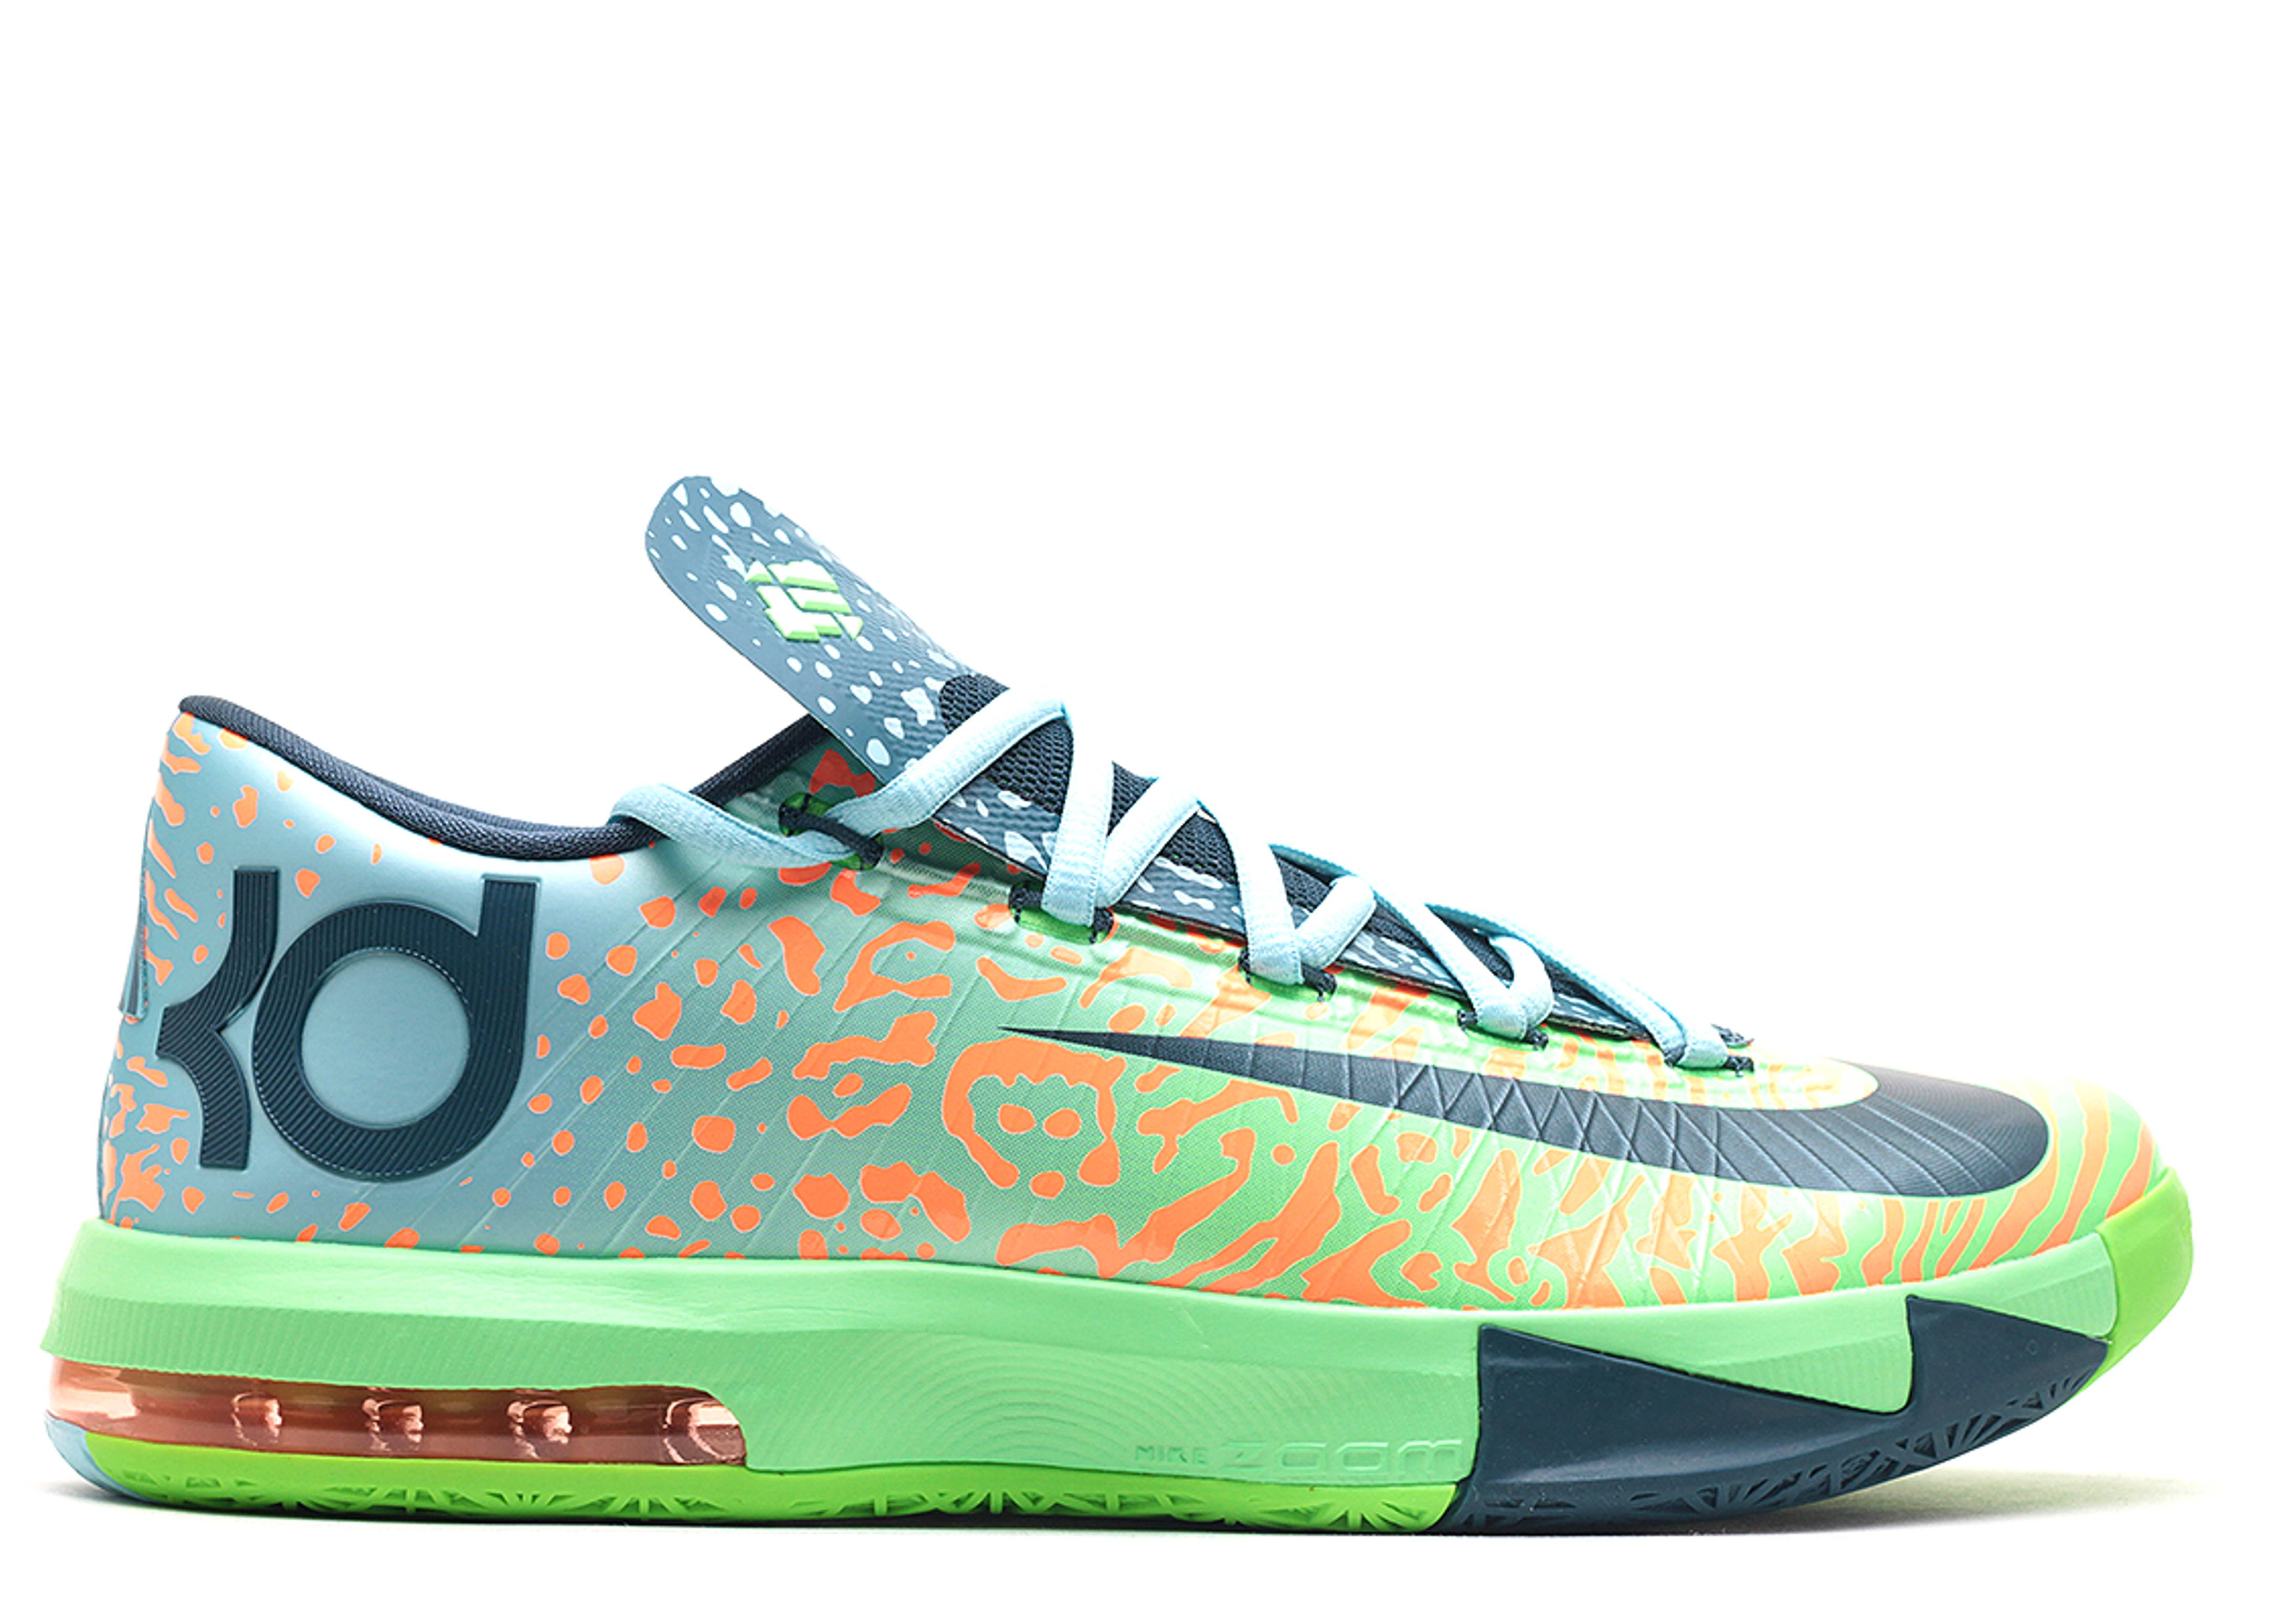 Best Nike Kd 6 Liger Shoes i4ydv5juo